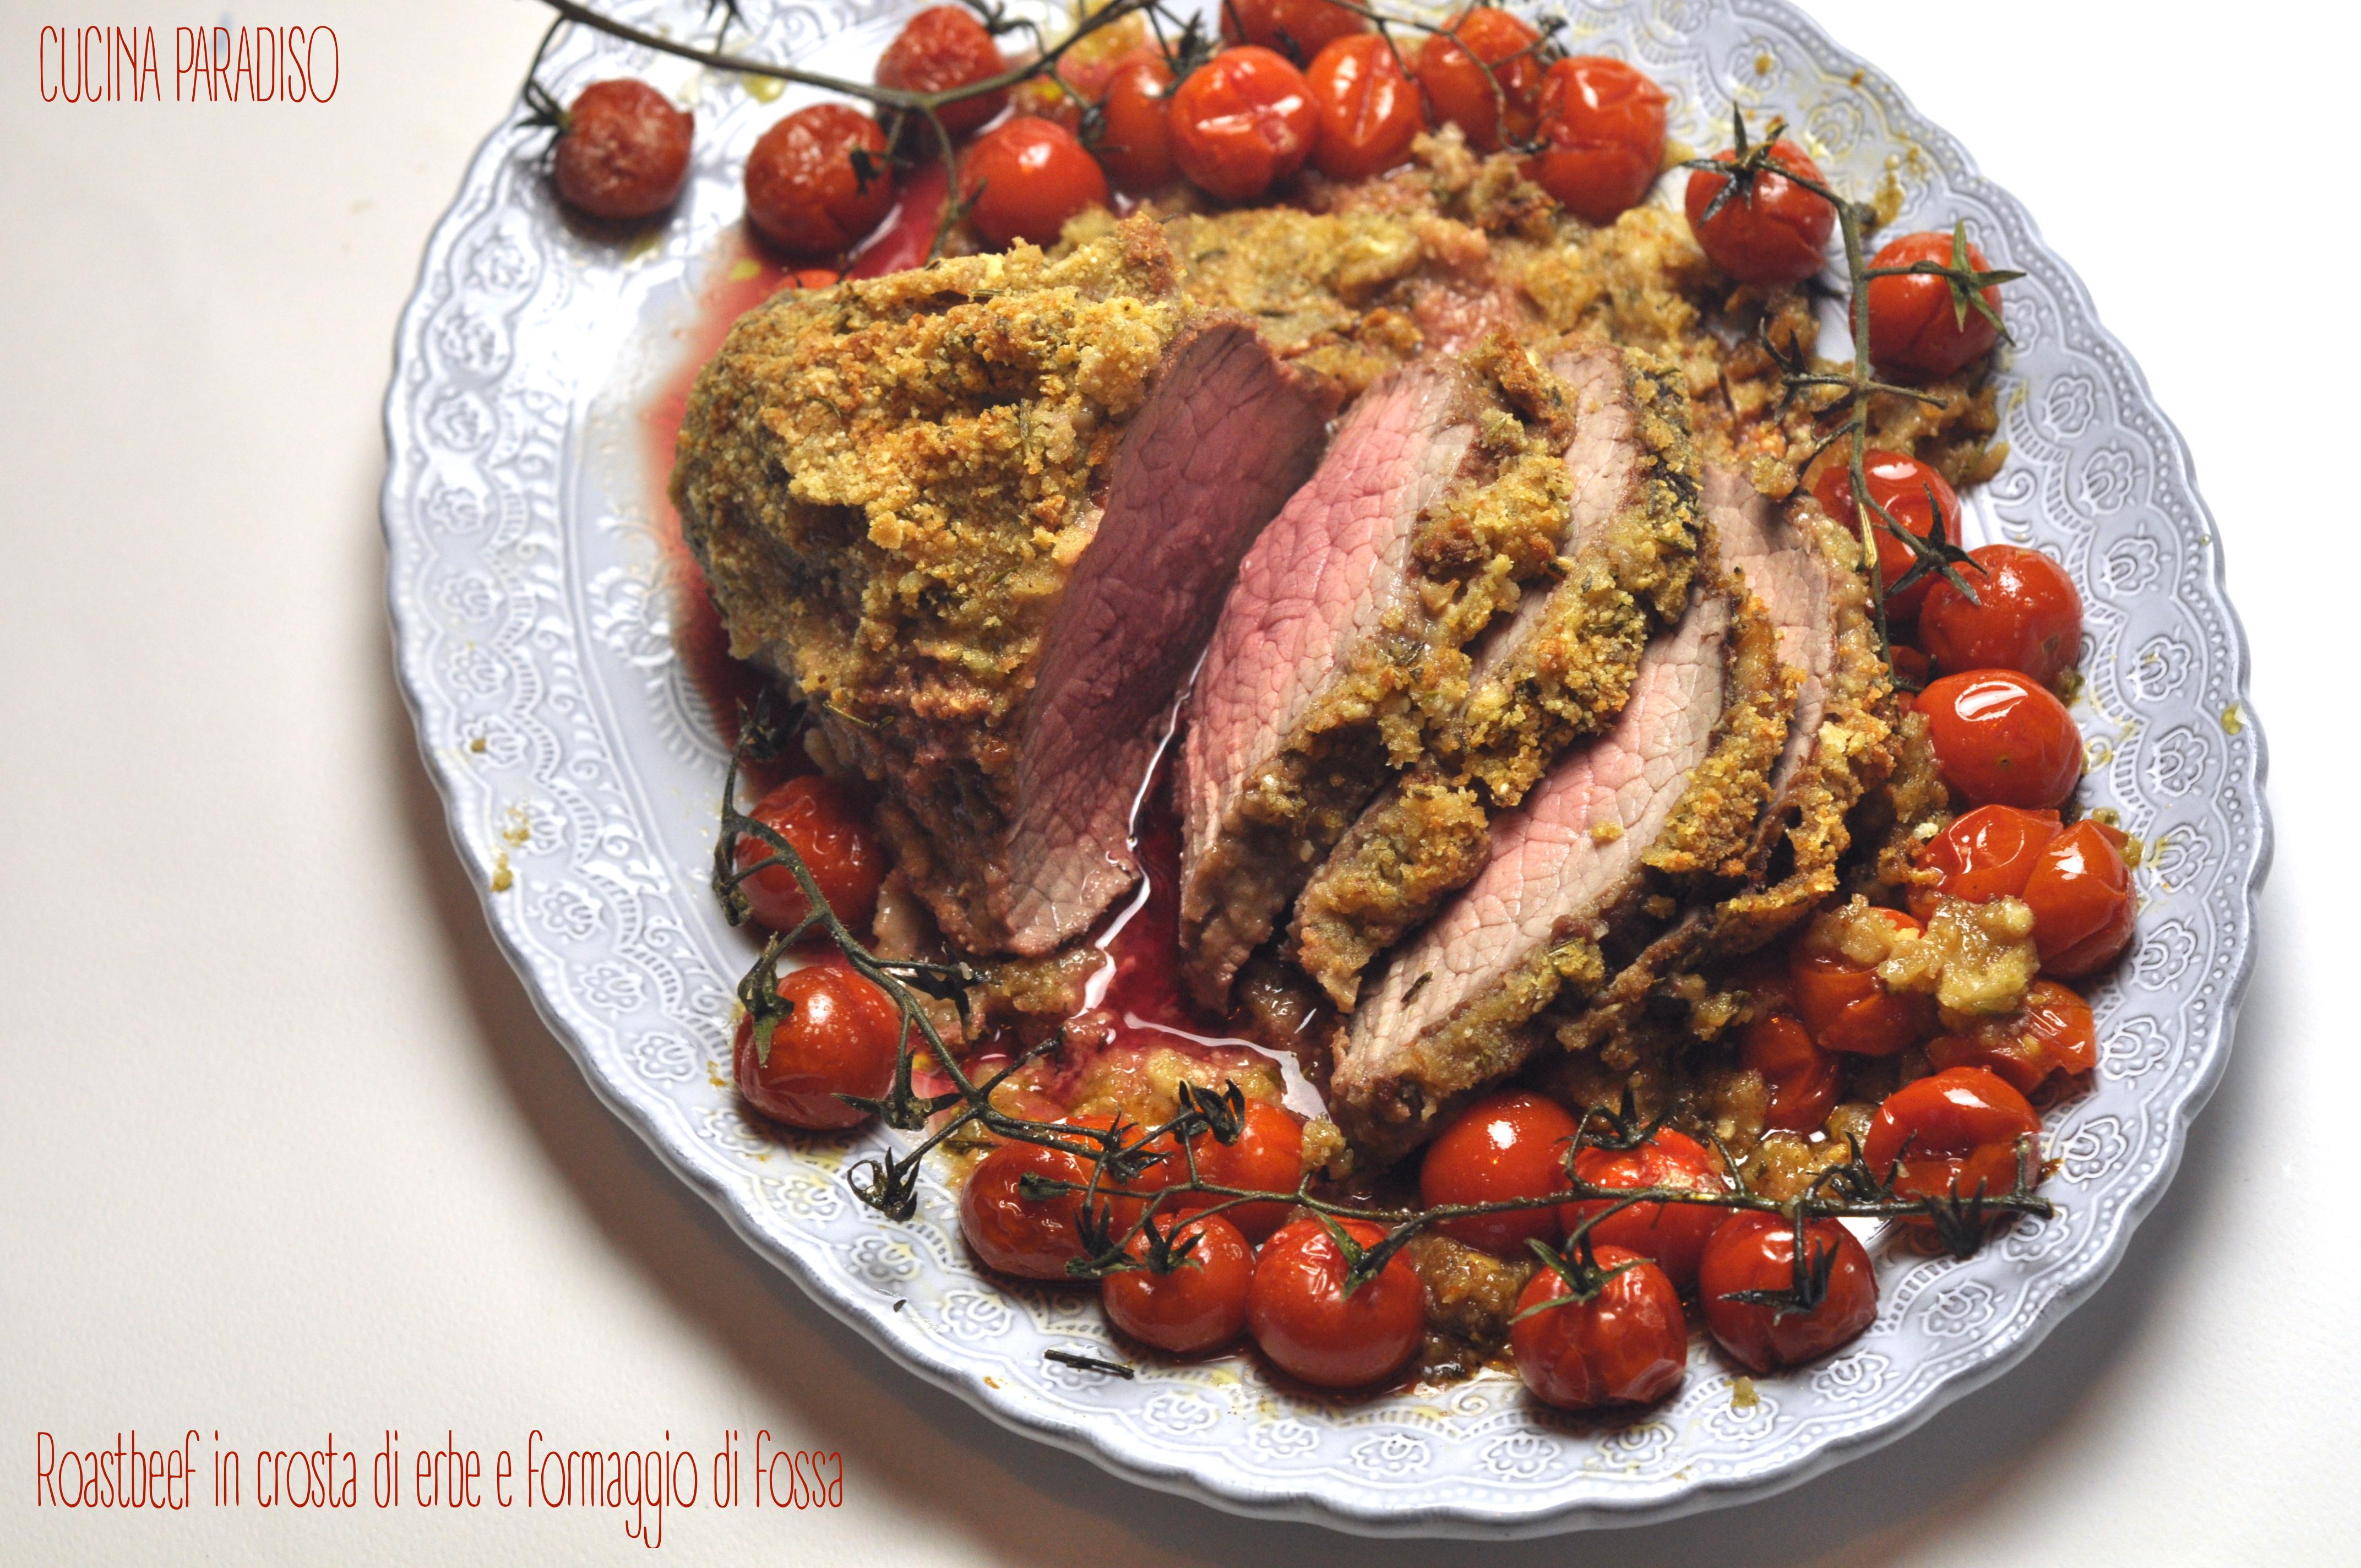 roastbeef-in-crosta-di-erbe-e-formaggio-di-fossa